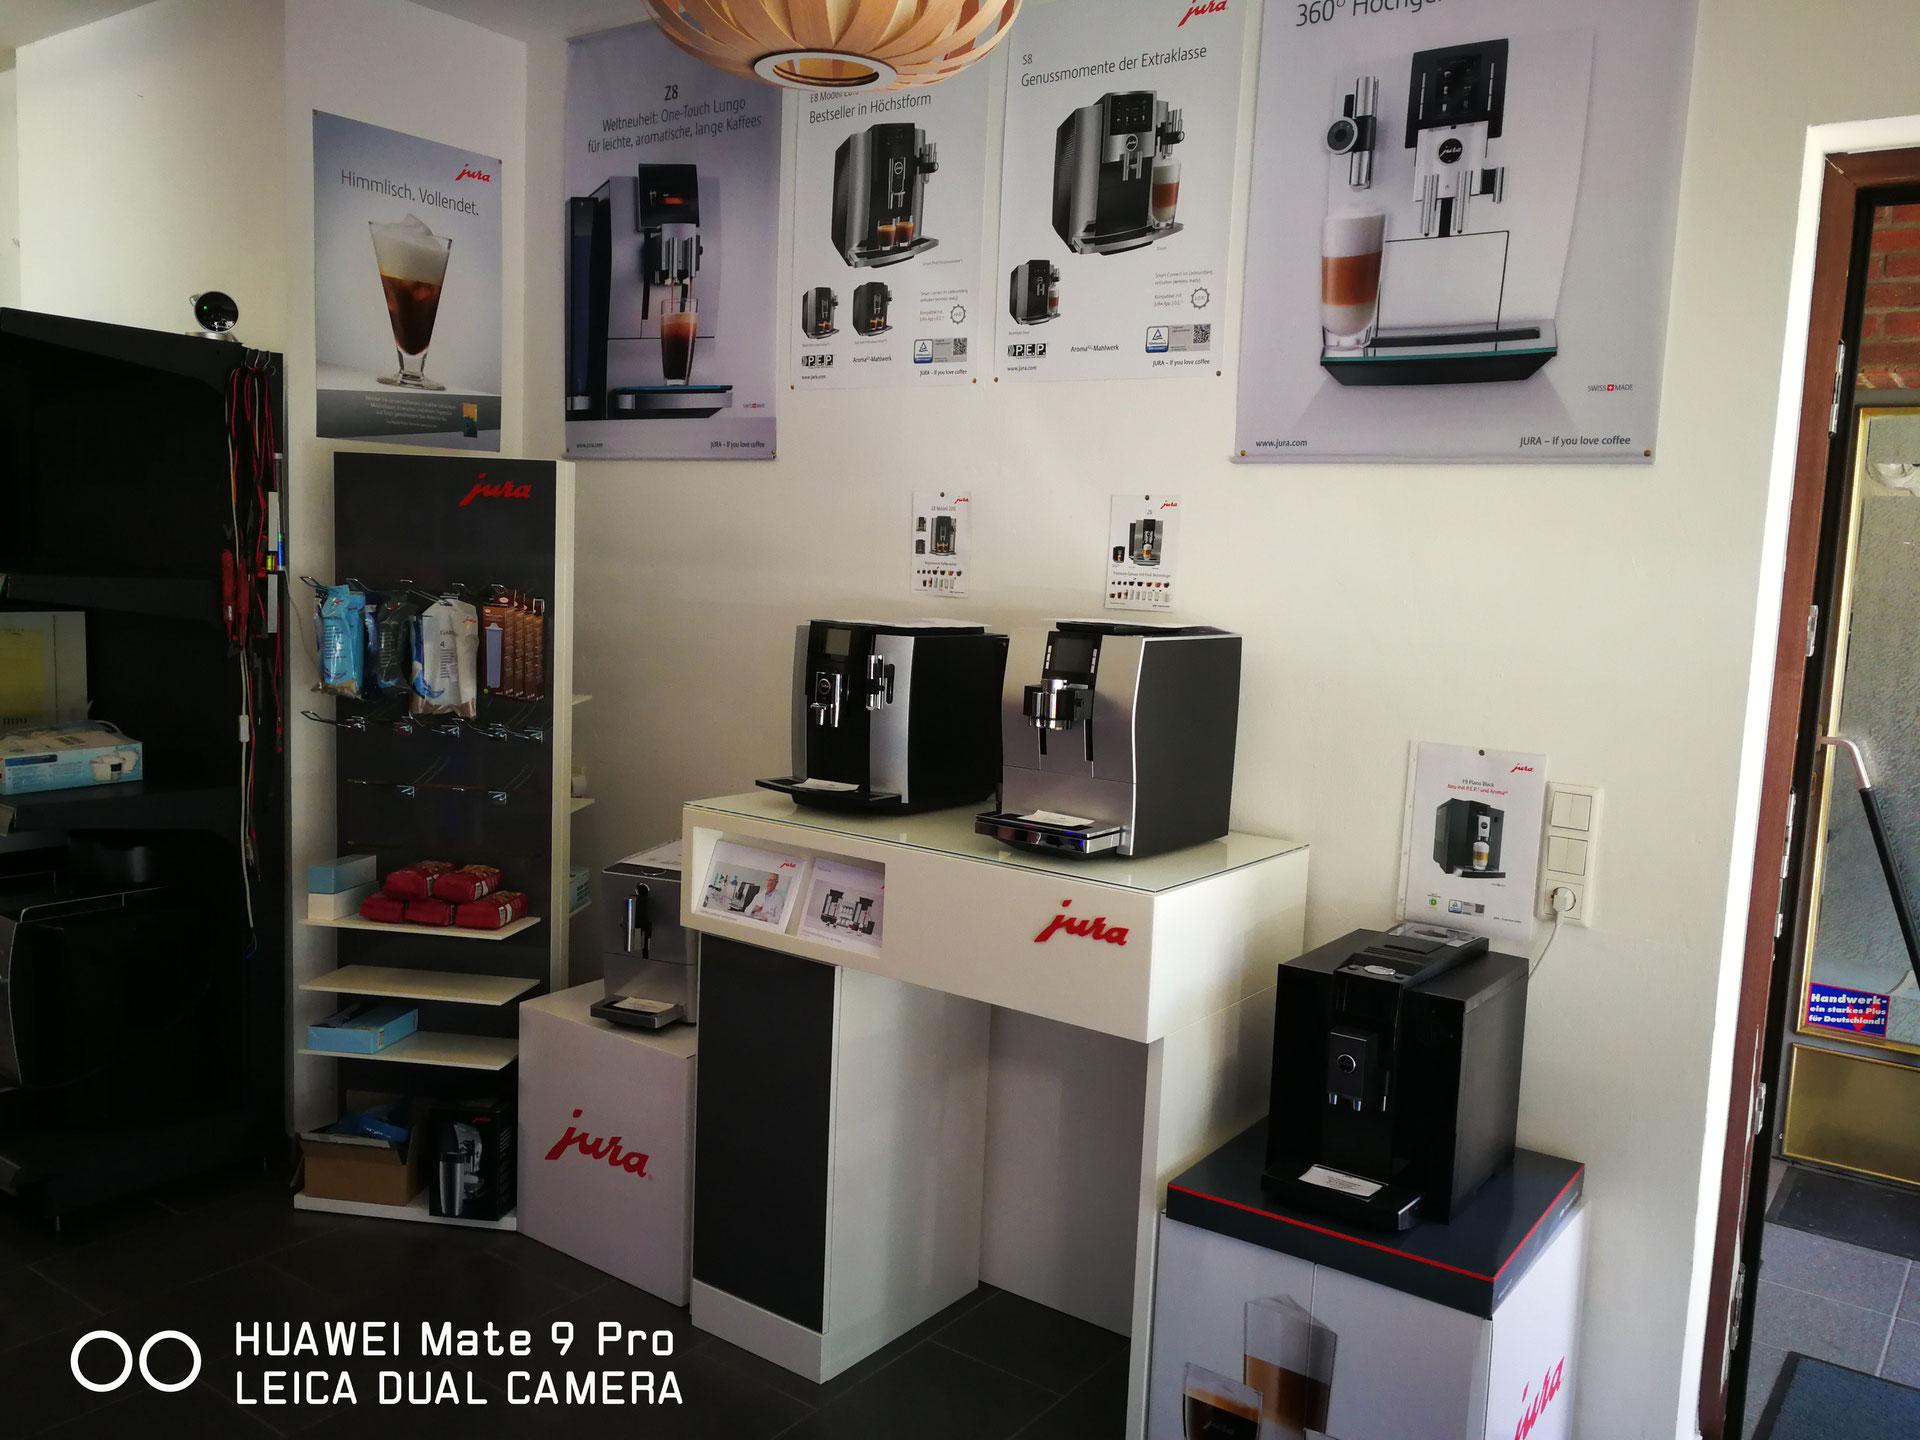 kaffeemaschinen service reparatur wartung oder verkauf. Black Bedroom Furniture Sets. Home Design Ideas